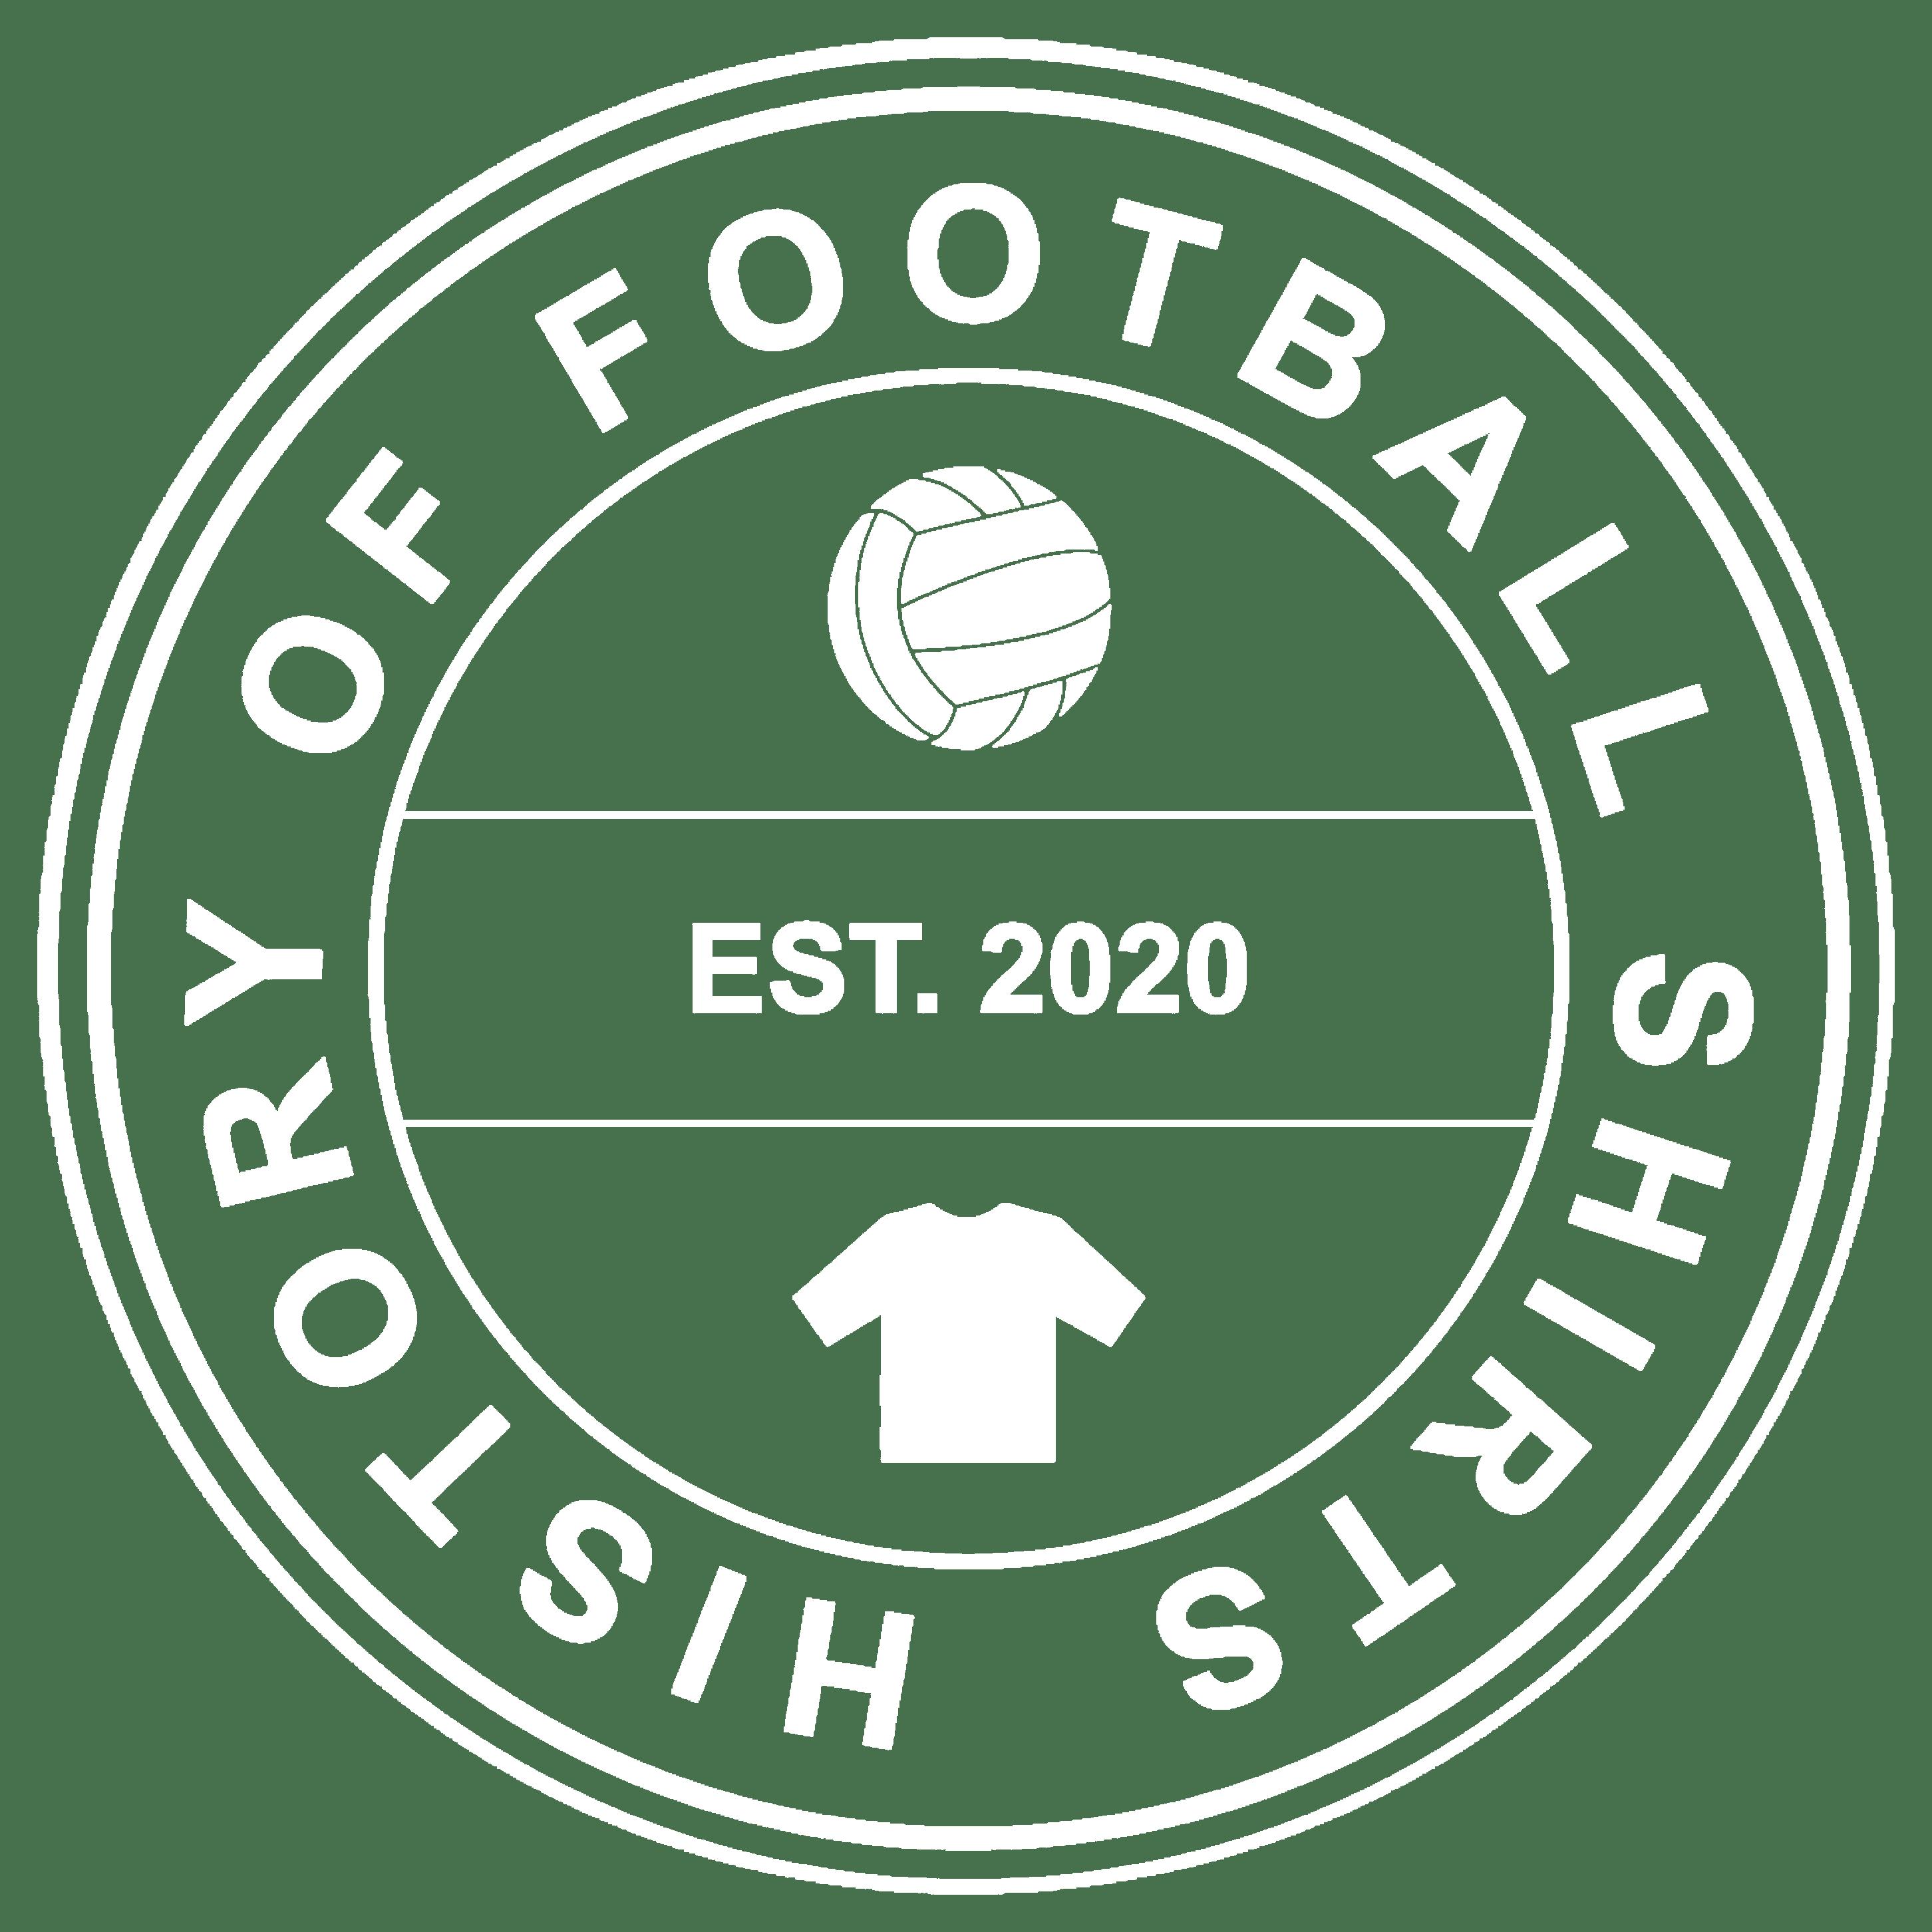 History of Football Shirts